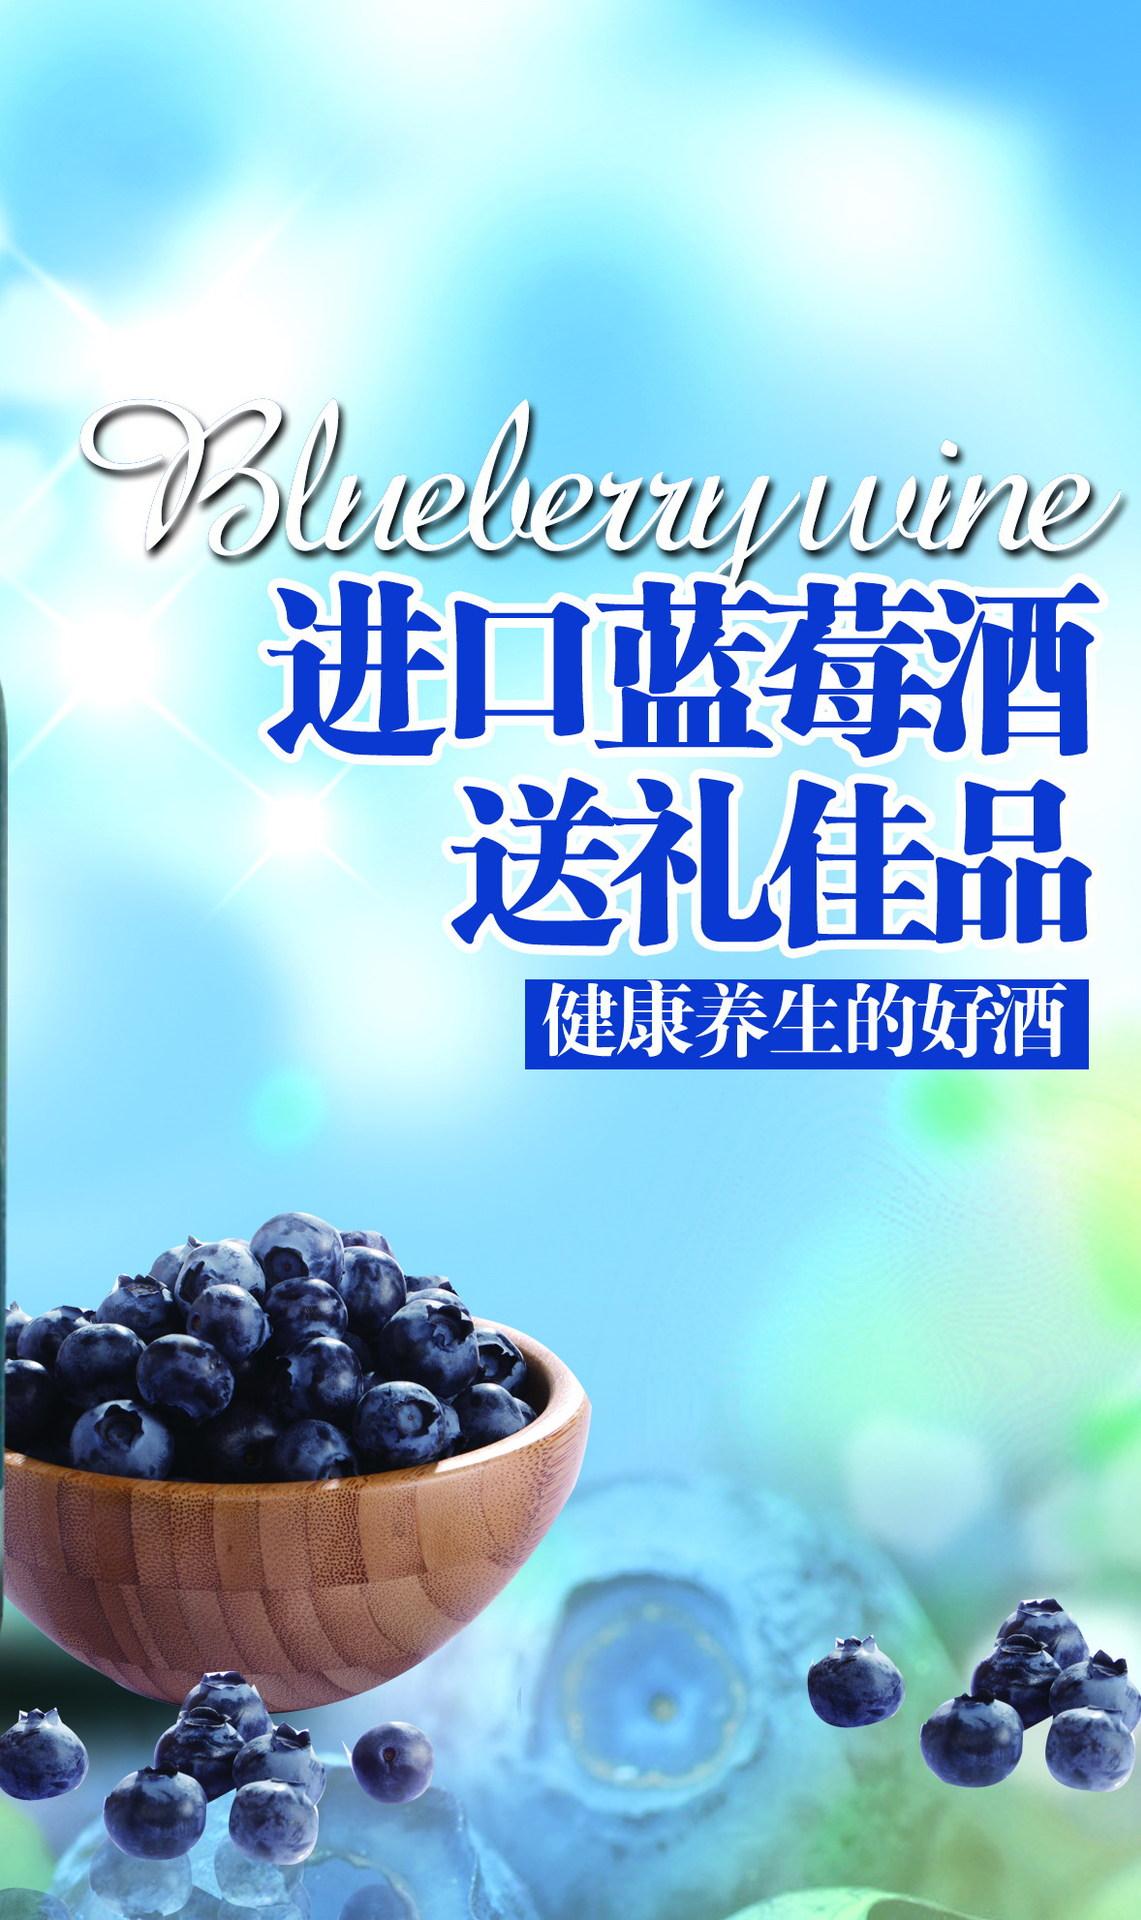 蓝莓酒 -广告